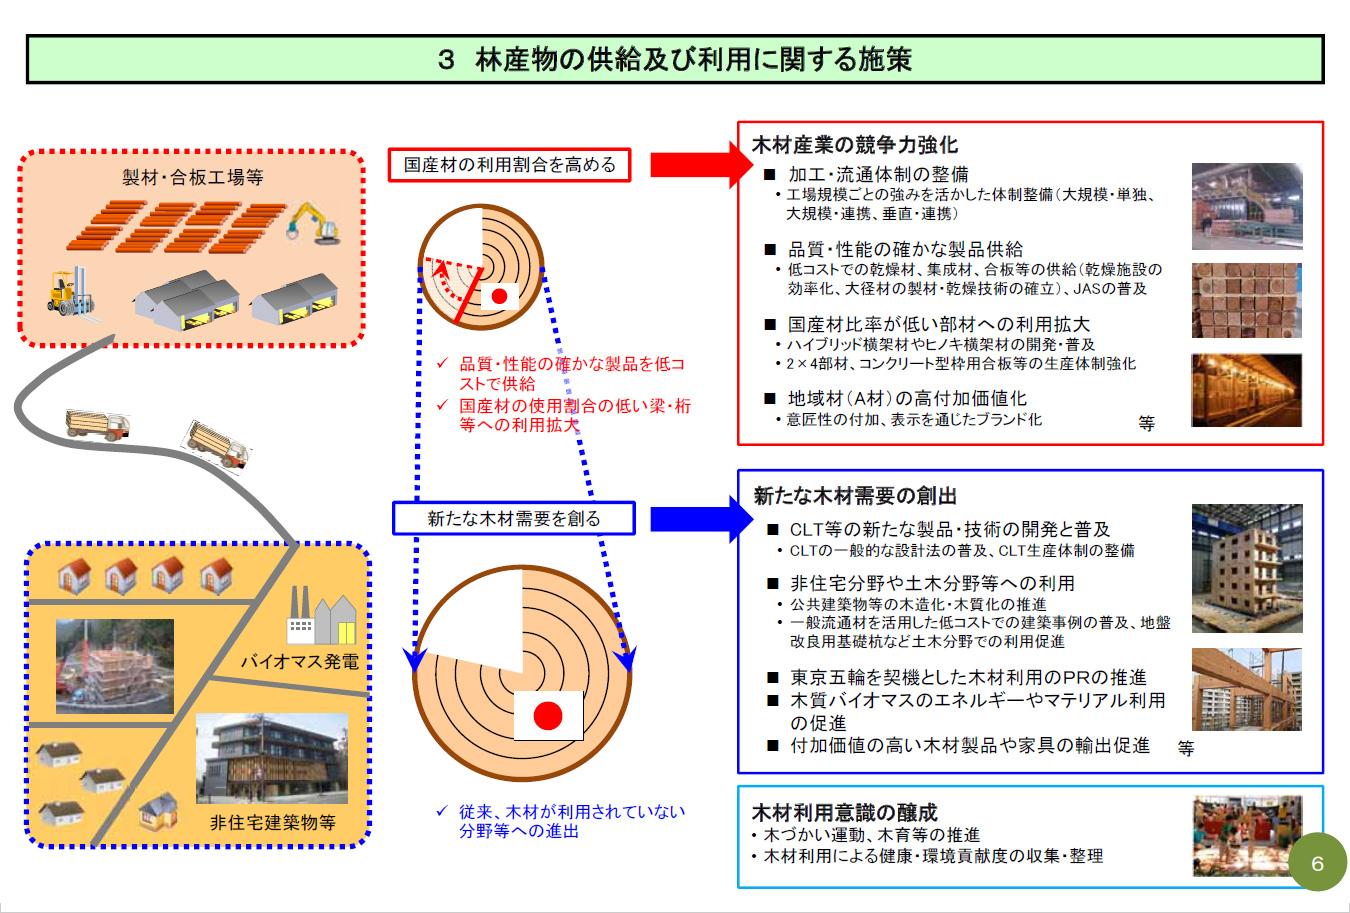 林産物の供給及び利用に関する施策